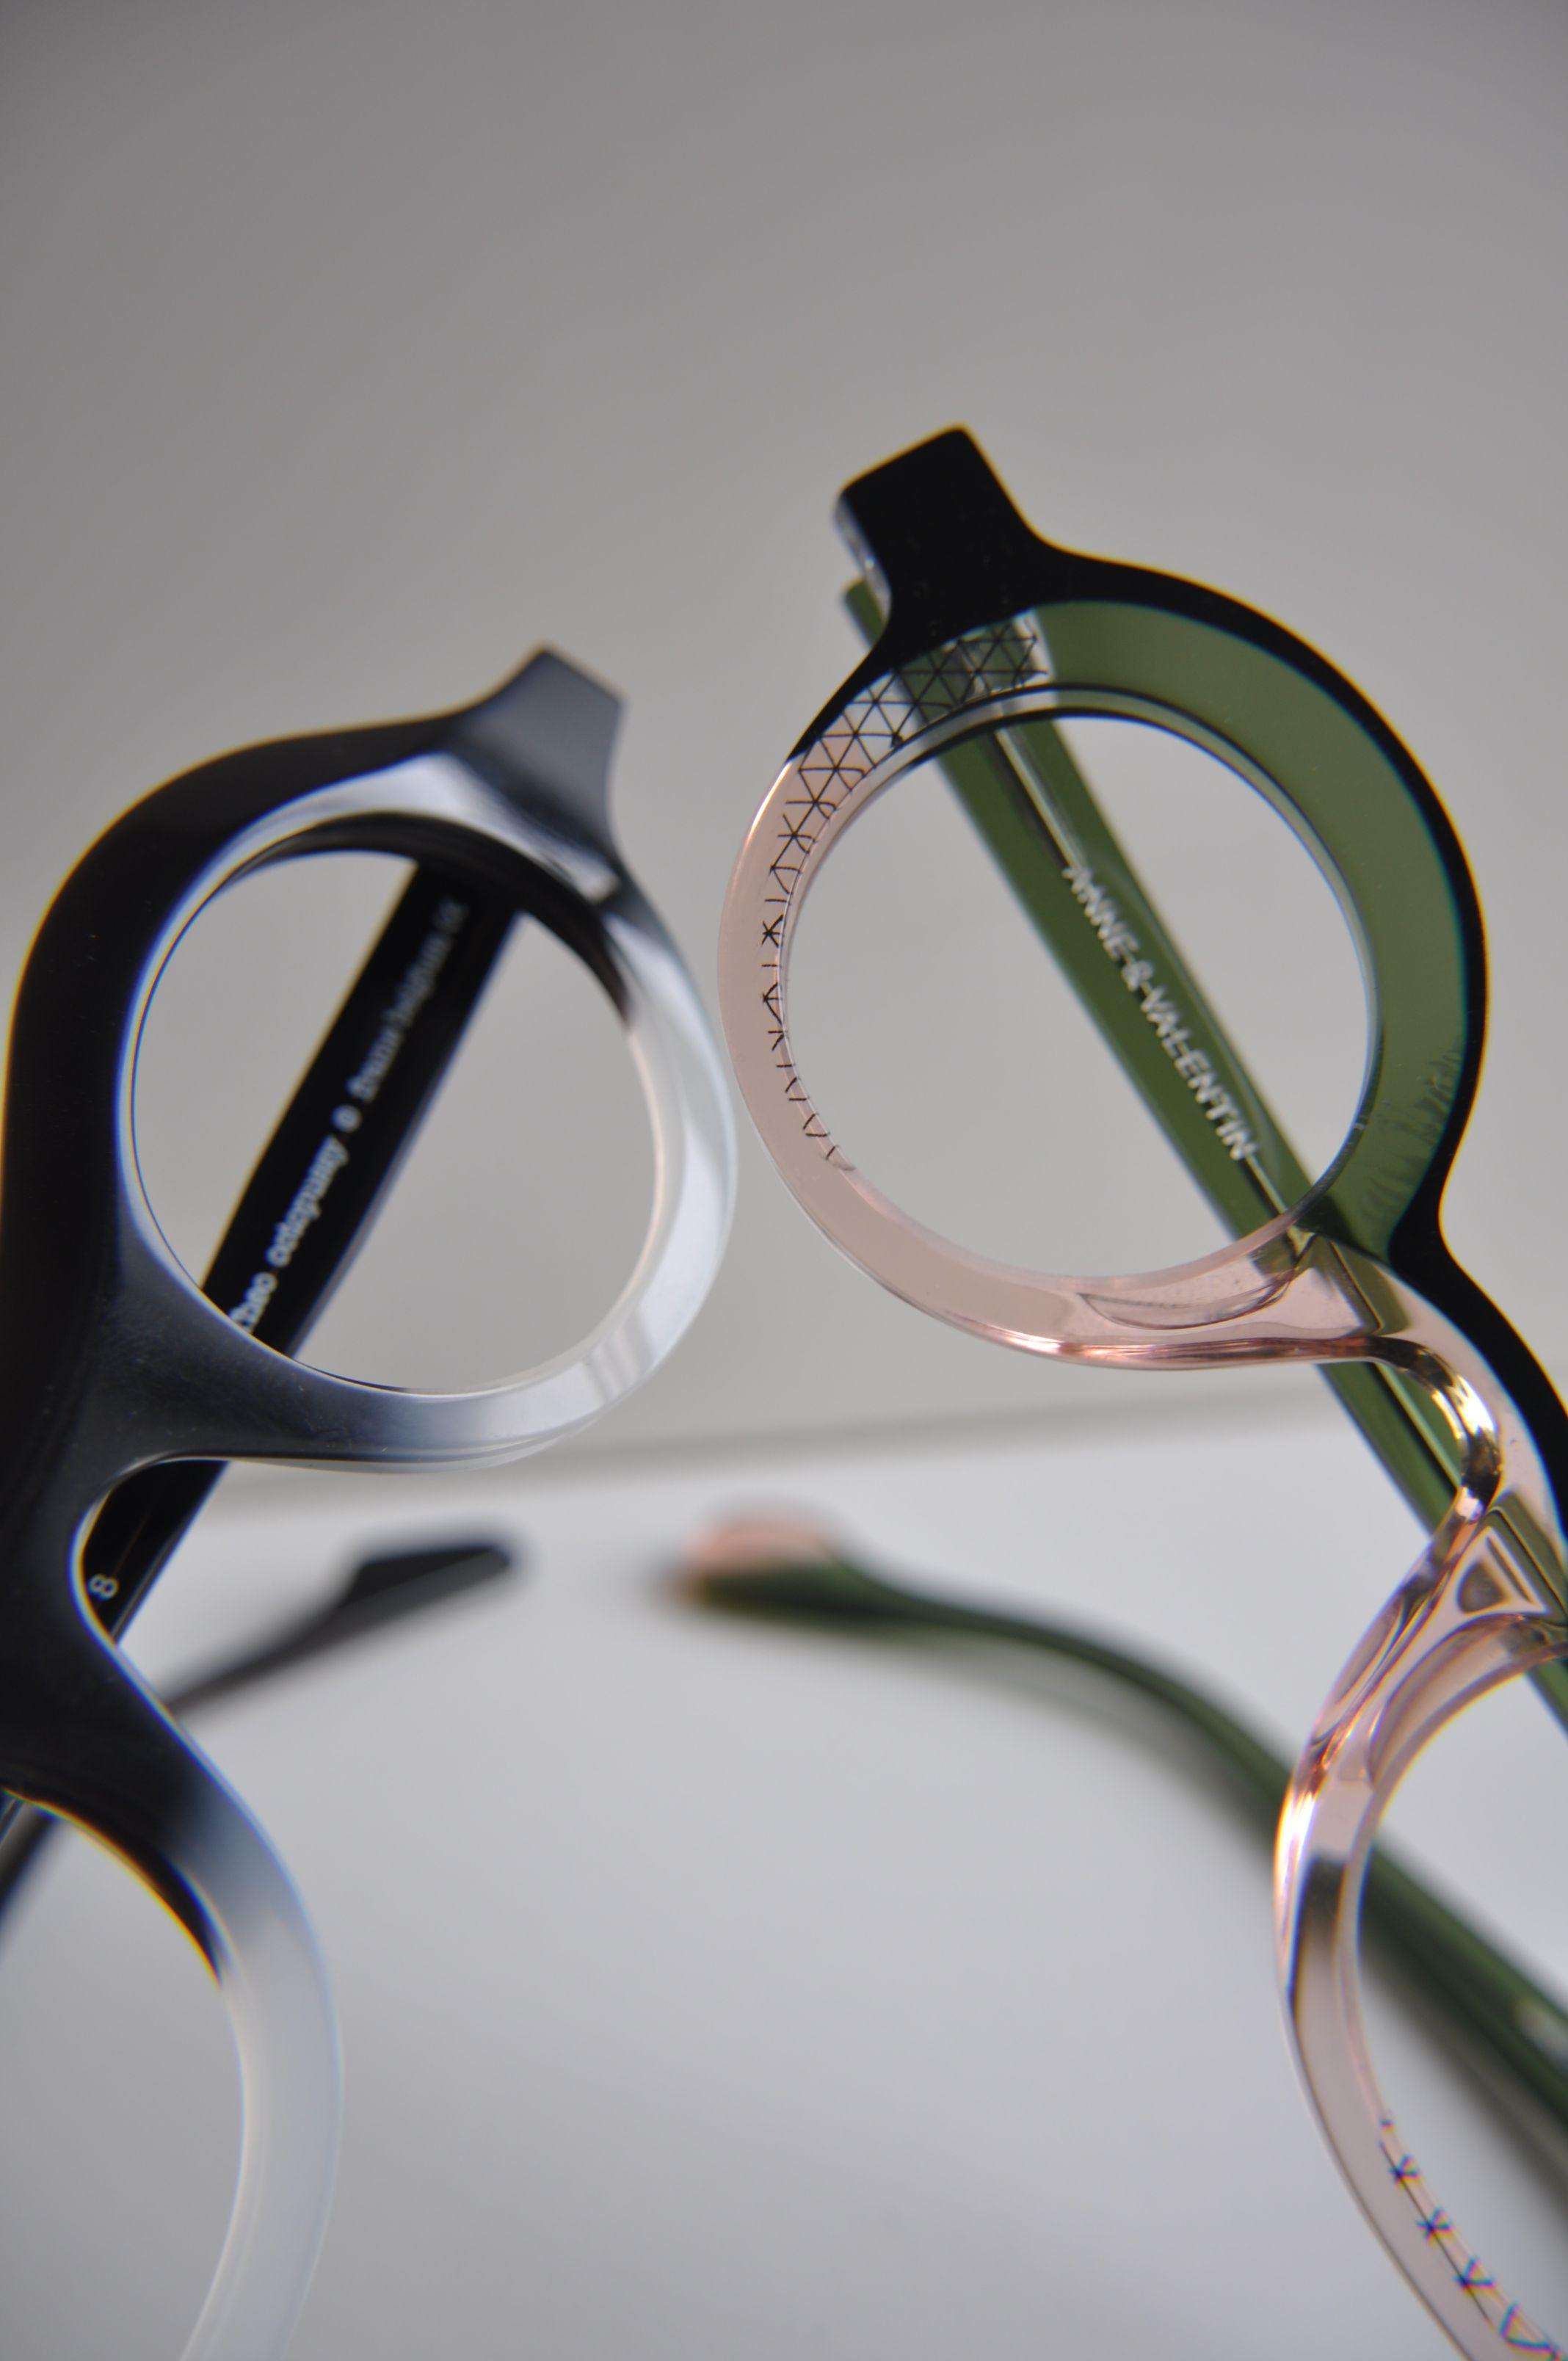 Anne & Valentin and Theo Eyewear #theo #anneetvalentin #round ...